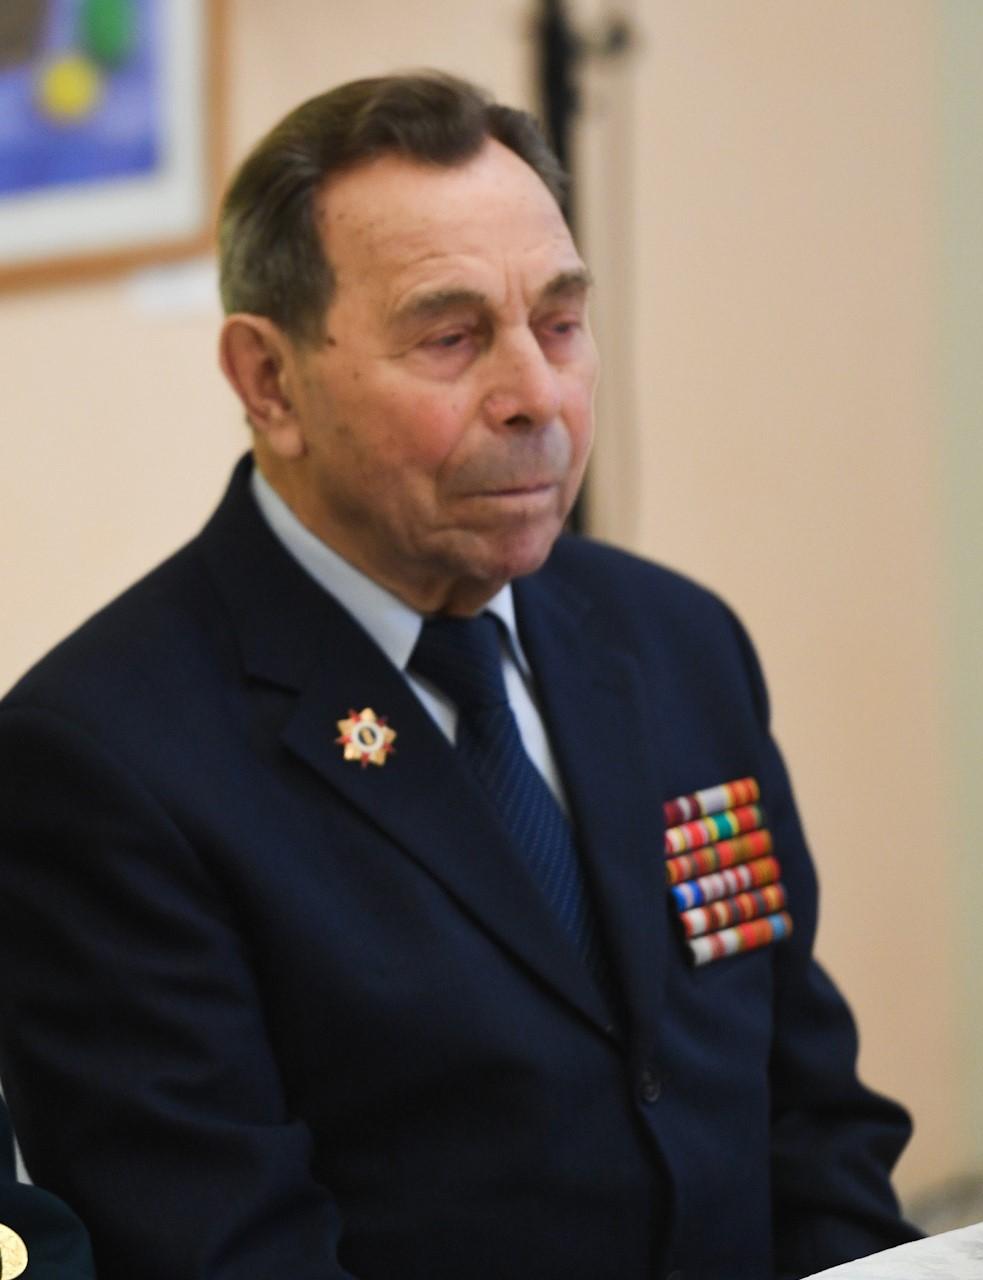 Губернатор Тверской области выразил соболезнования в связи с уходом из жизни ветерана Великой Отечественной войны Алексея Ивановича Ларина